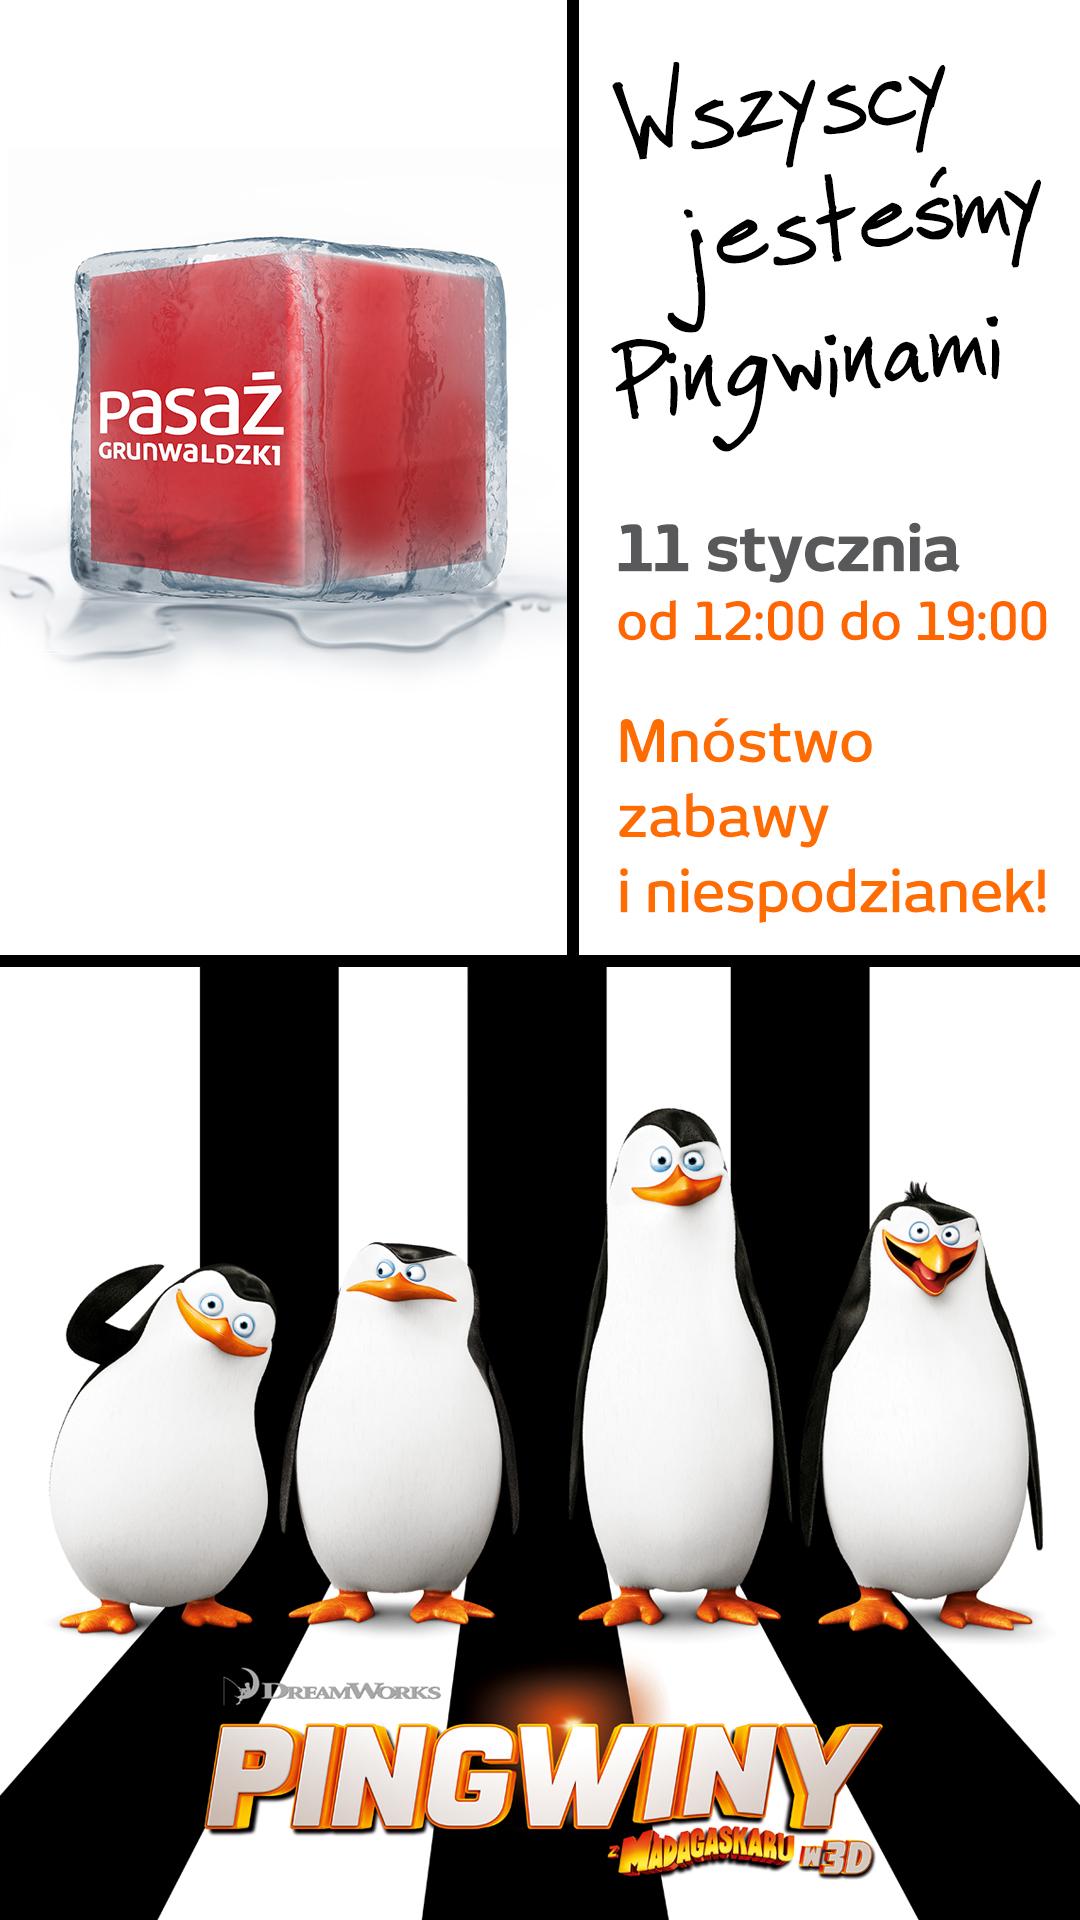 Spotkanie z Pingwinami w Pasażu Grunwaldzkim